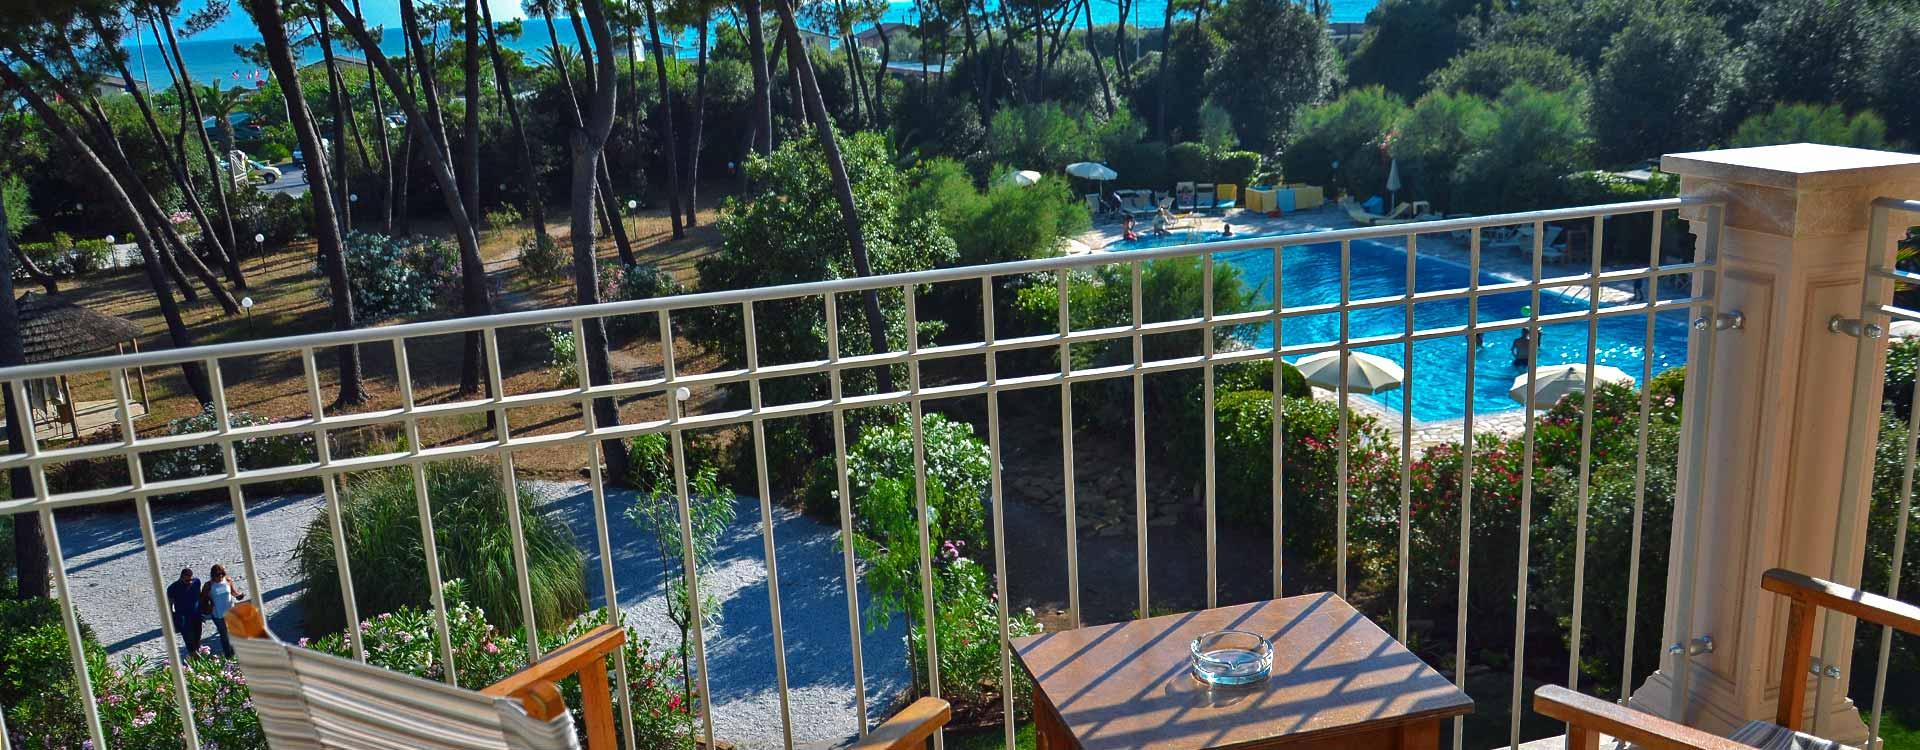 Hotel con terrazza panoramica sul mare e tutta la costa